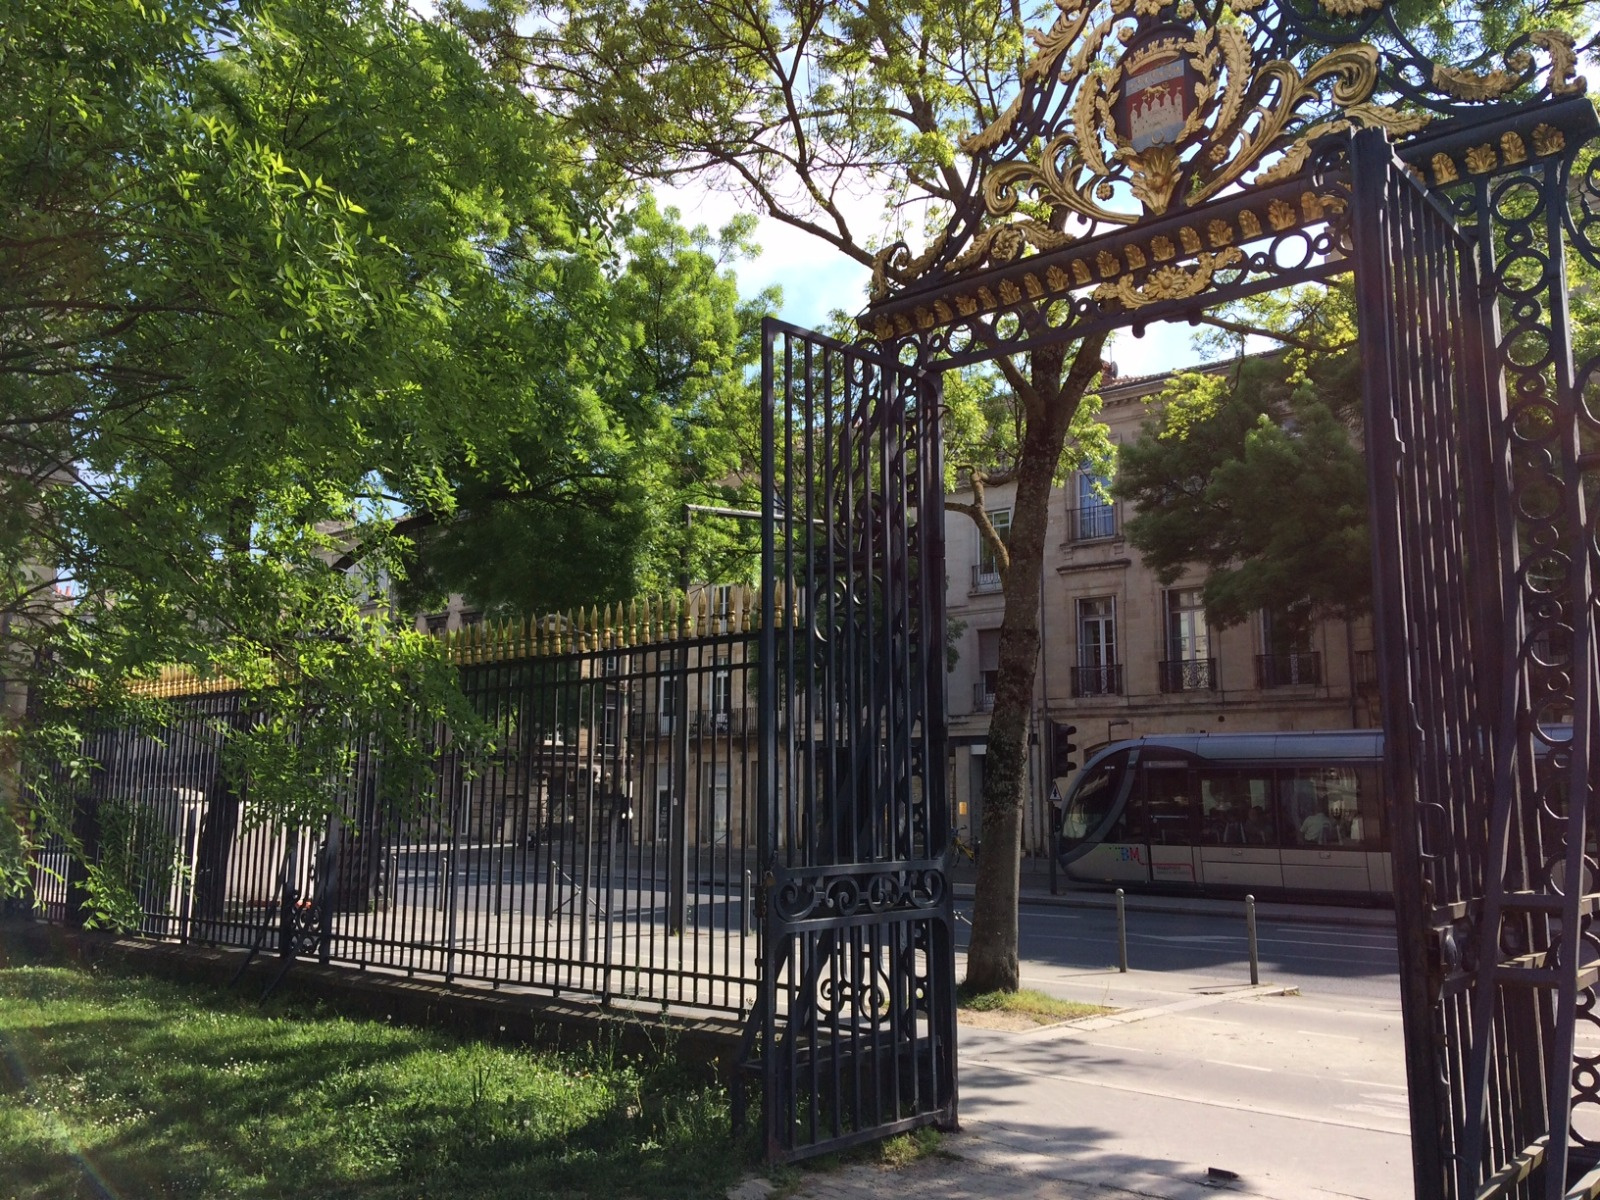 Vente appartements bordeaux centre ville merignac et plus vente studio t2 t3 et t4 - Appartement bordeaux jardin public ...